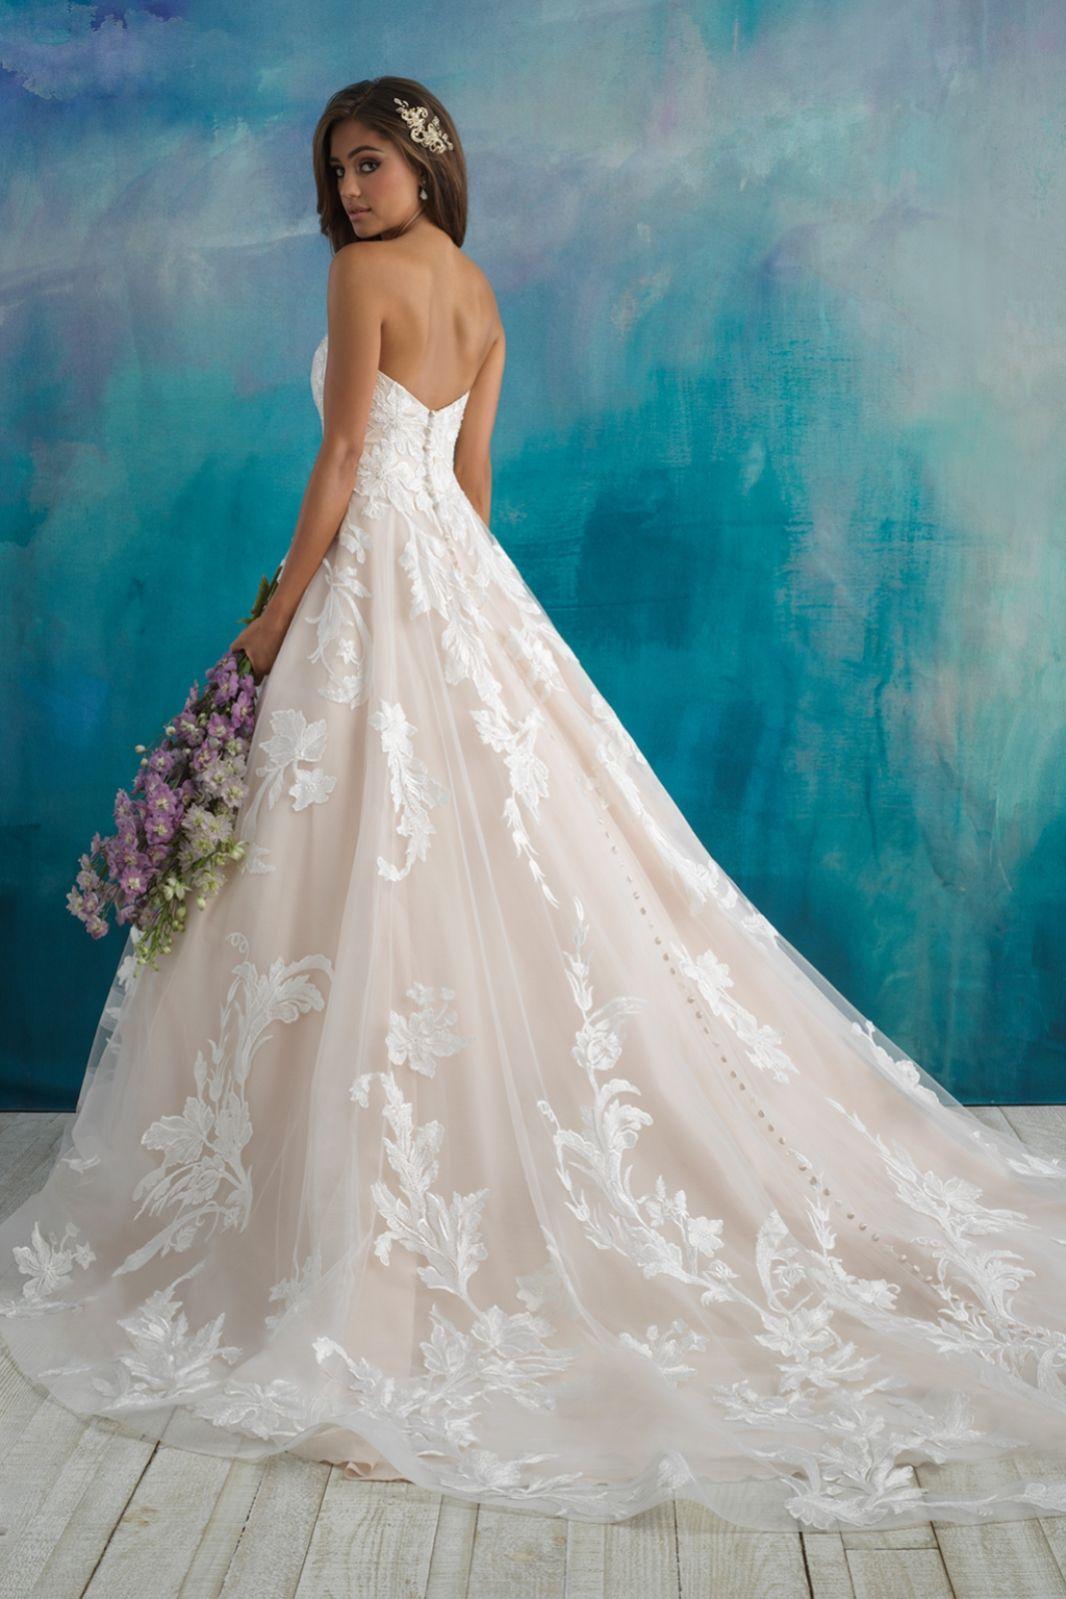 e8a6c0271e6e Wedding Dress - Allure Bridals JACKIE | I do (someday) | Wedding ...